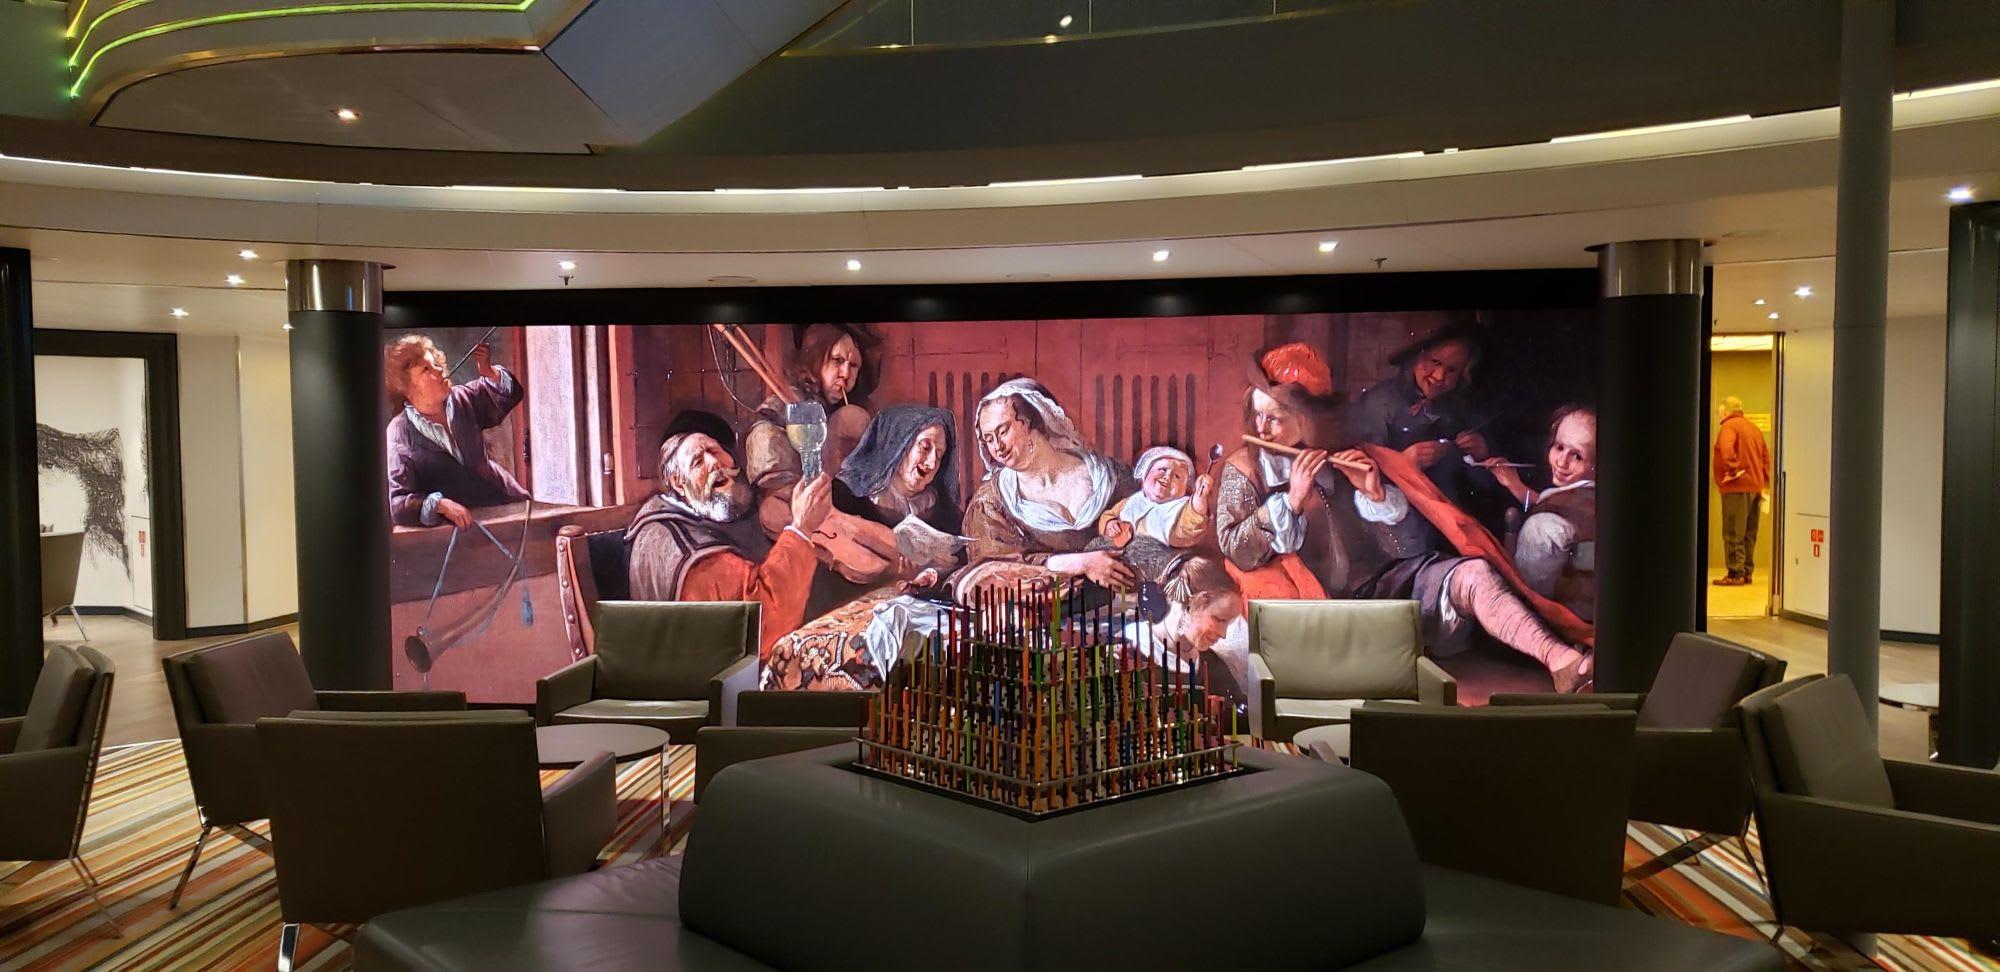 壁全体のモニターに名画が移りアップになったり。デコレーションは塗り絵用の色鉛筆のピラミッド